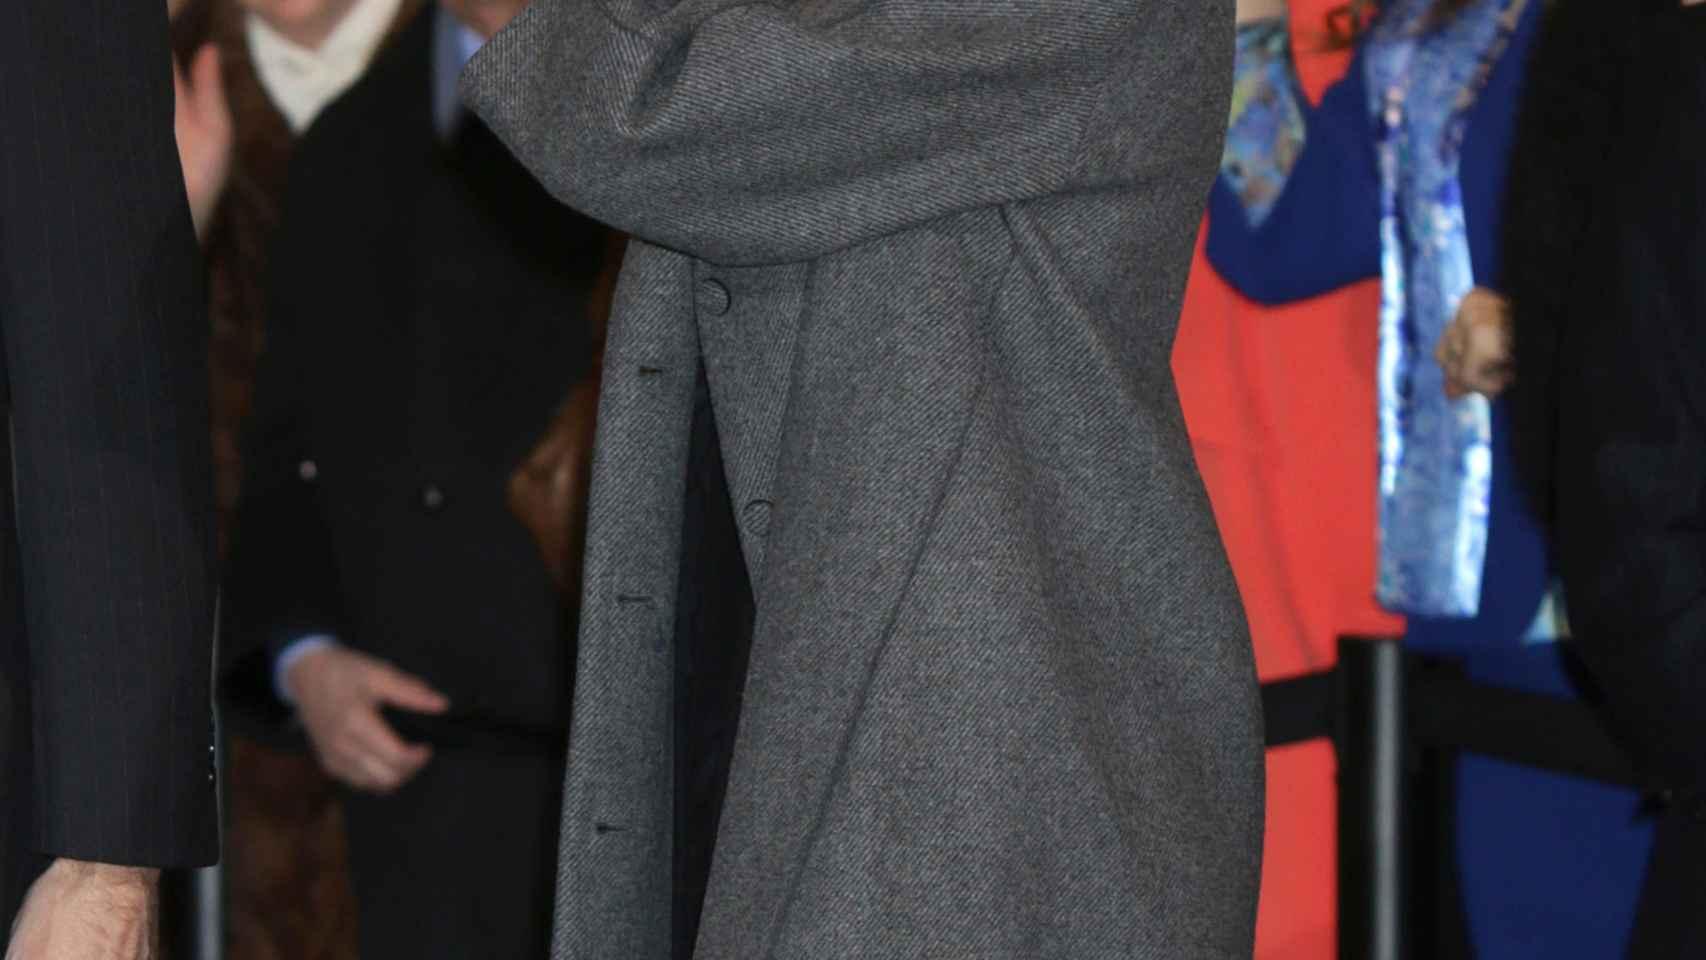 La Reina reapareció el viernes tras la polémica de los SMS